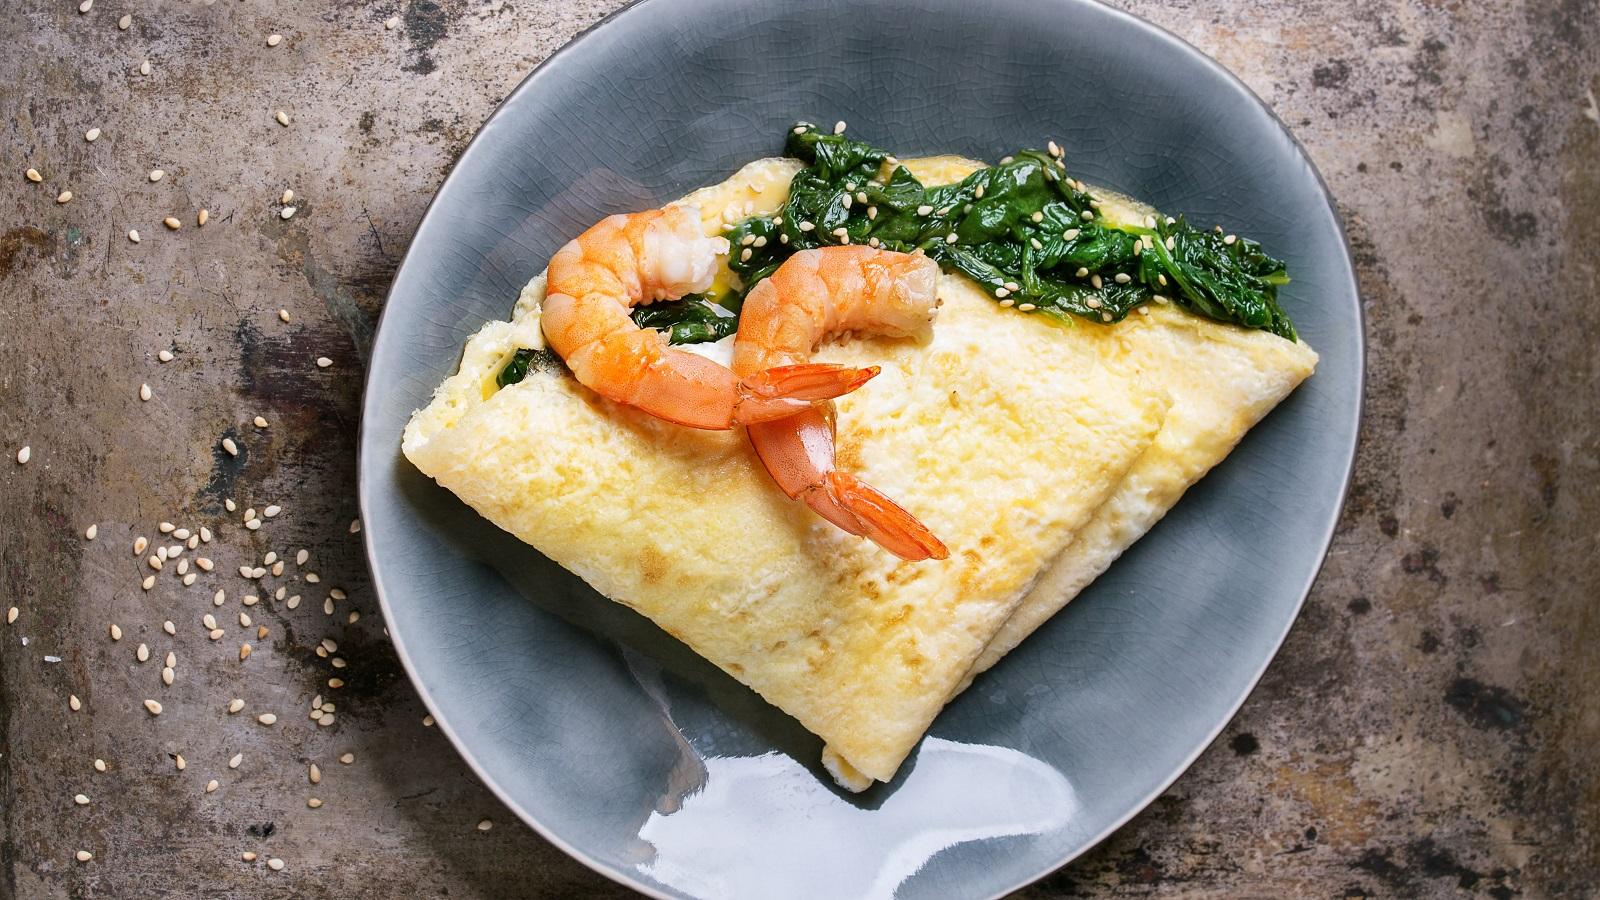 auf einem Tisch steht ein Teller mit einem Omelett. Das ist mit Spinat gefüllt und und geviertelt. Obenauf liegen zwei Garnelen.